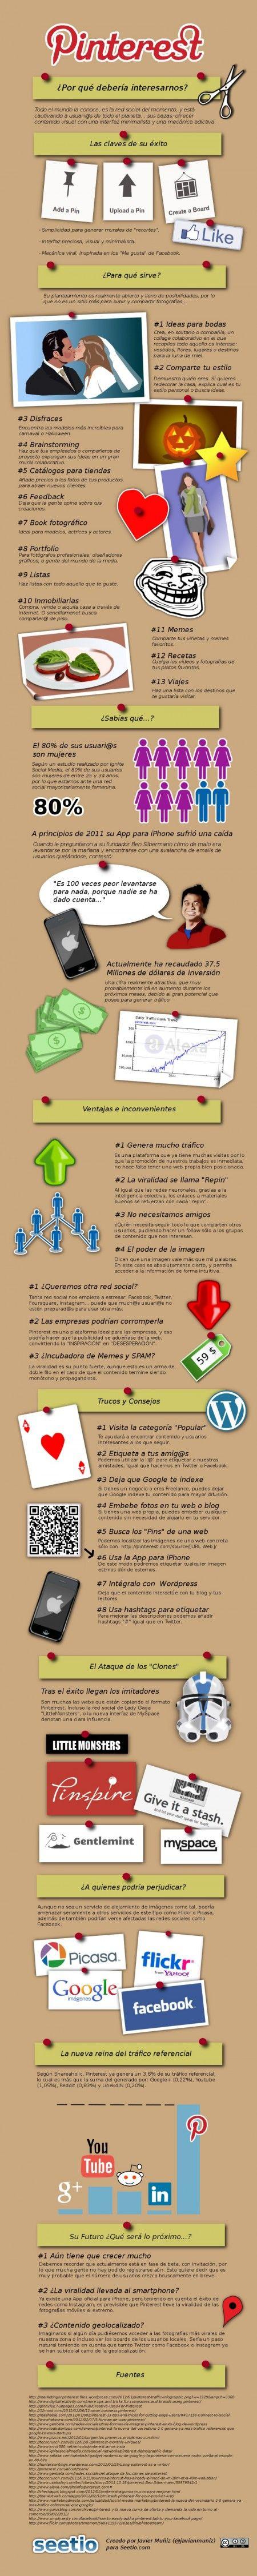 Pinterest, ¿por qué debería interesarnos esta red social? detalles y características #Infografía